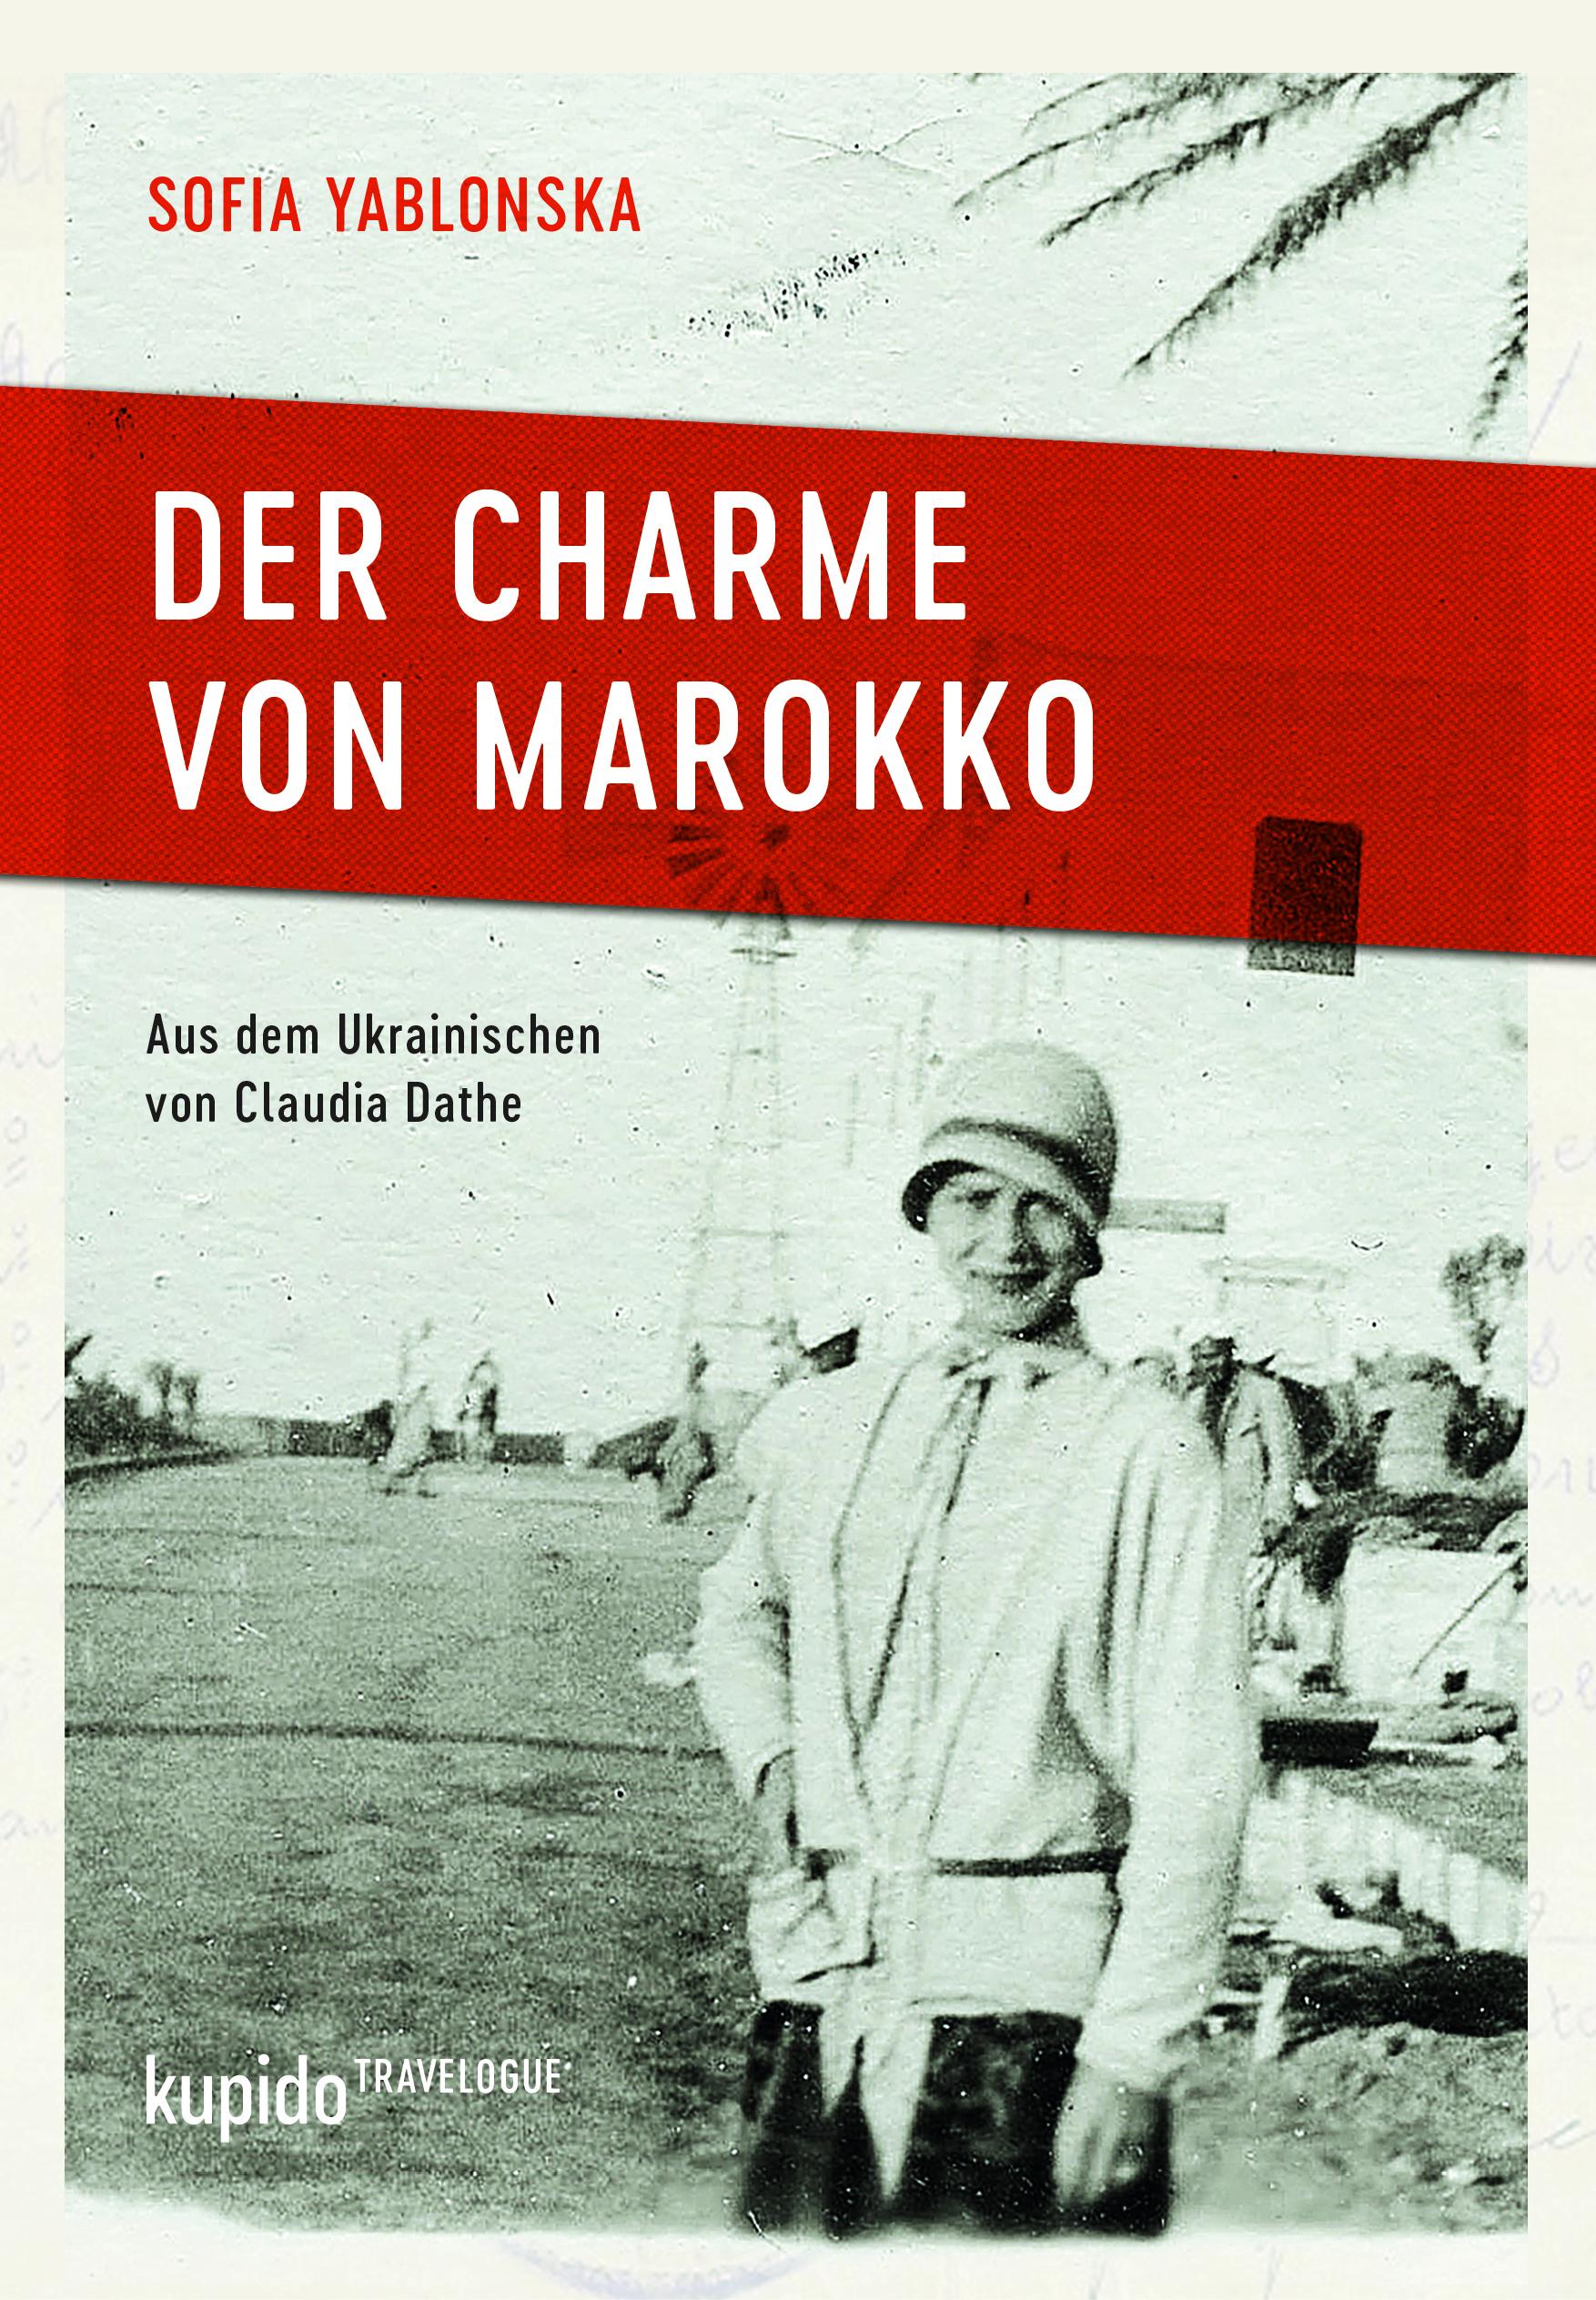 Cover Yablonska, Der Charme von Marokko, Kupido Verlag